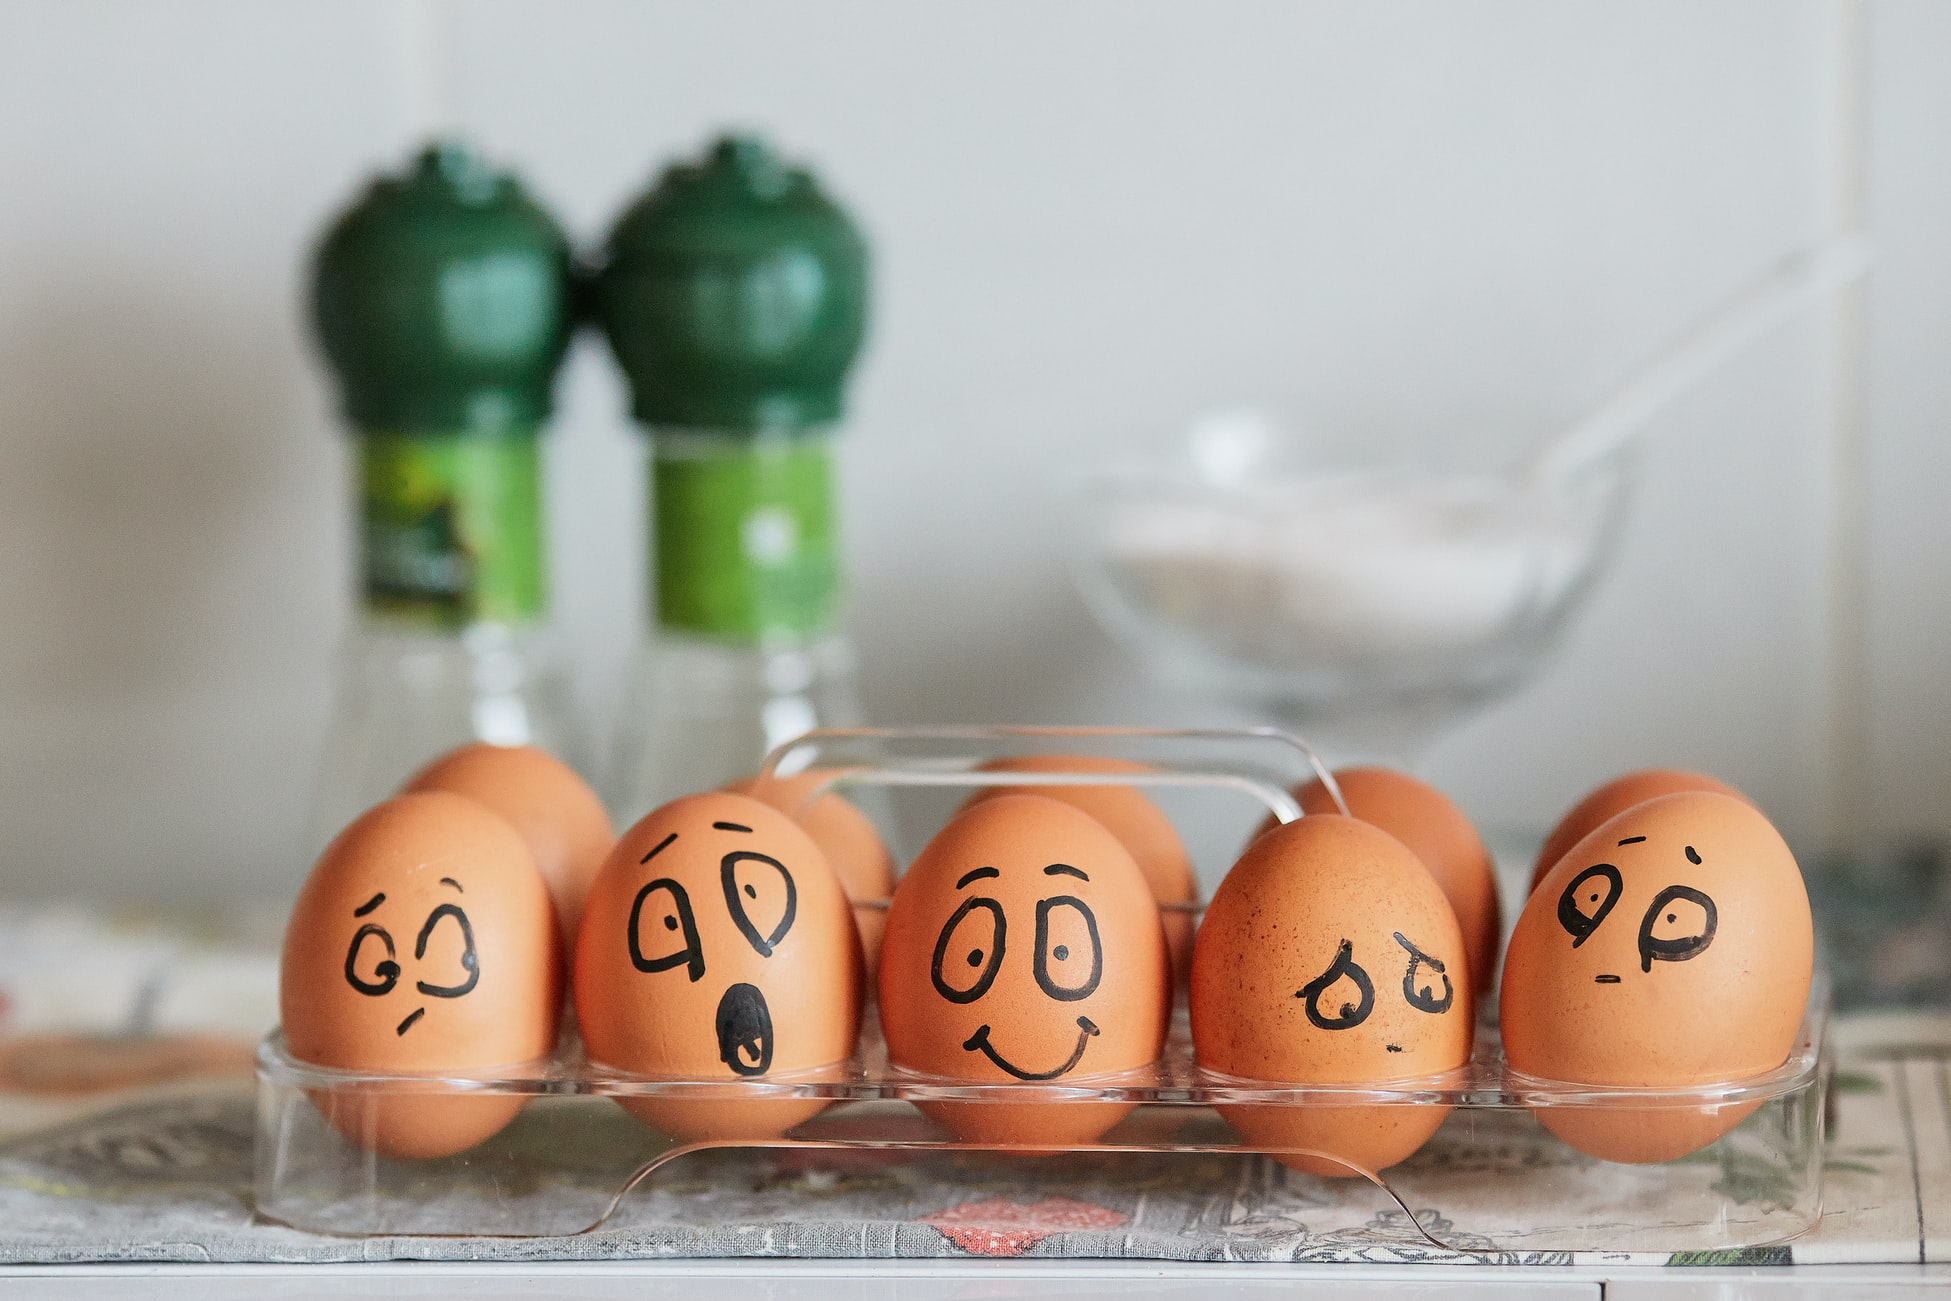 Смешные эмоциональные яйца (фон для сайта о психологии)